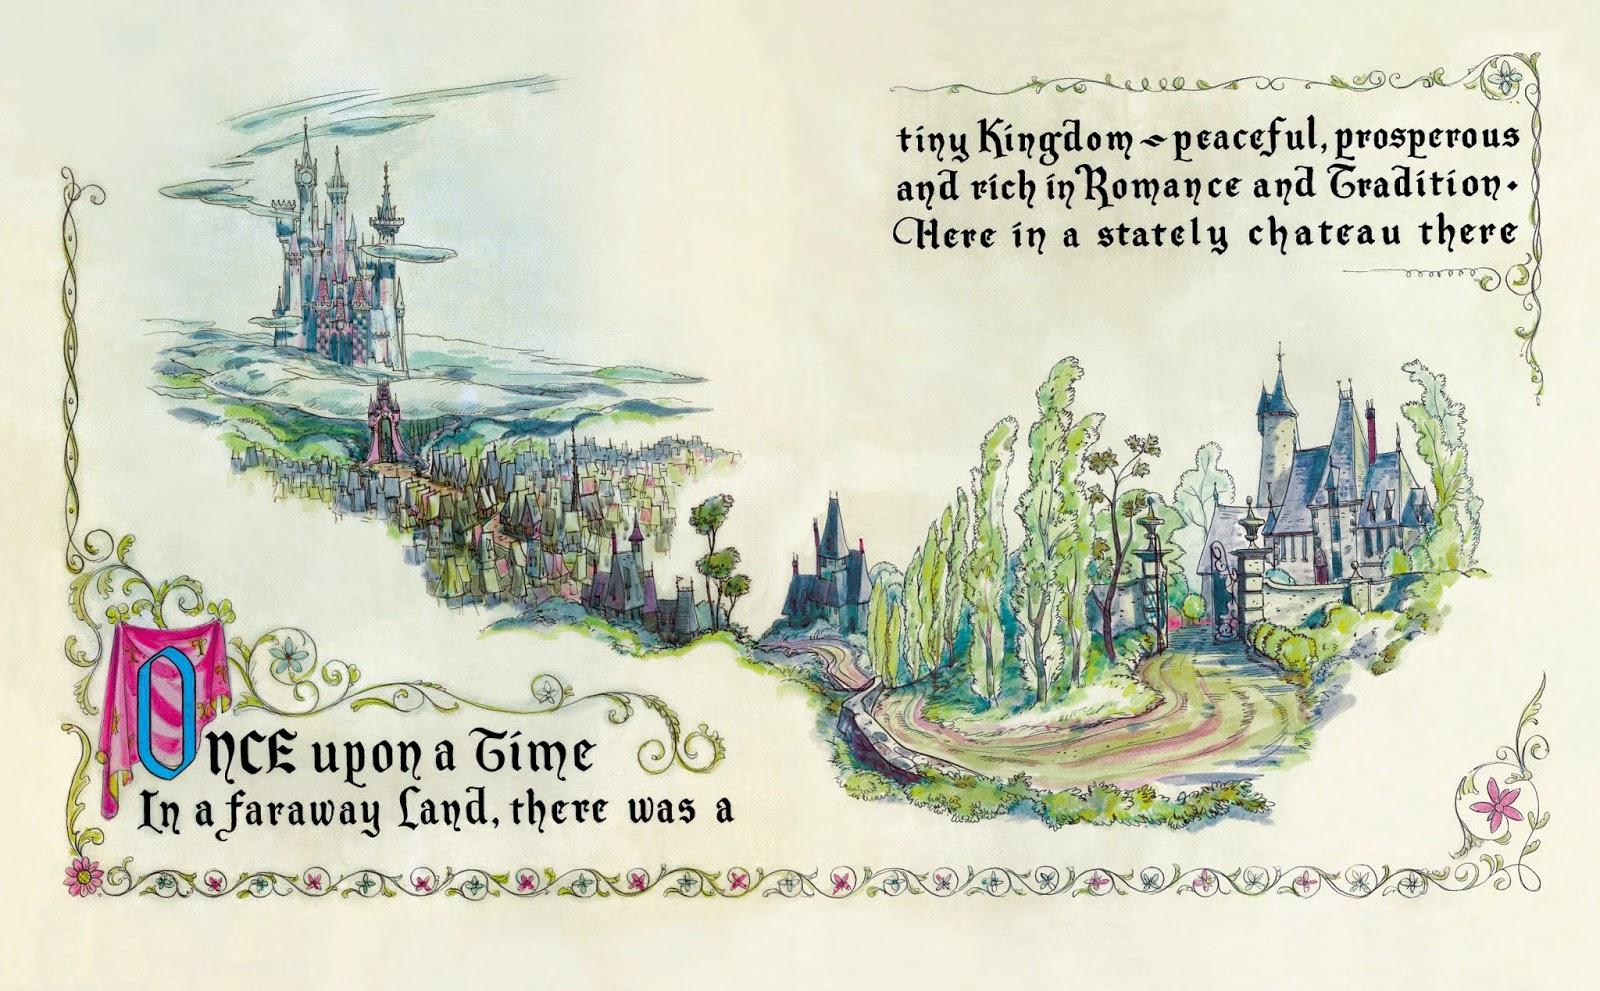 Cinderella's Background